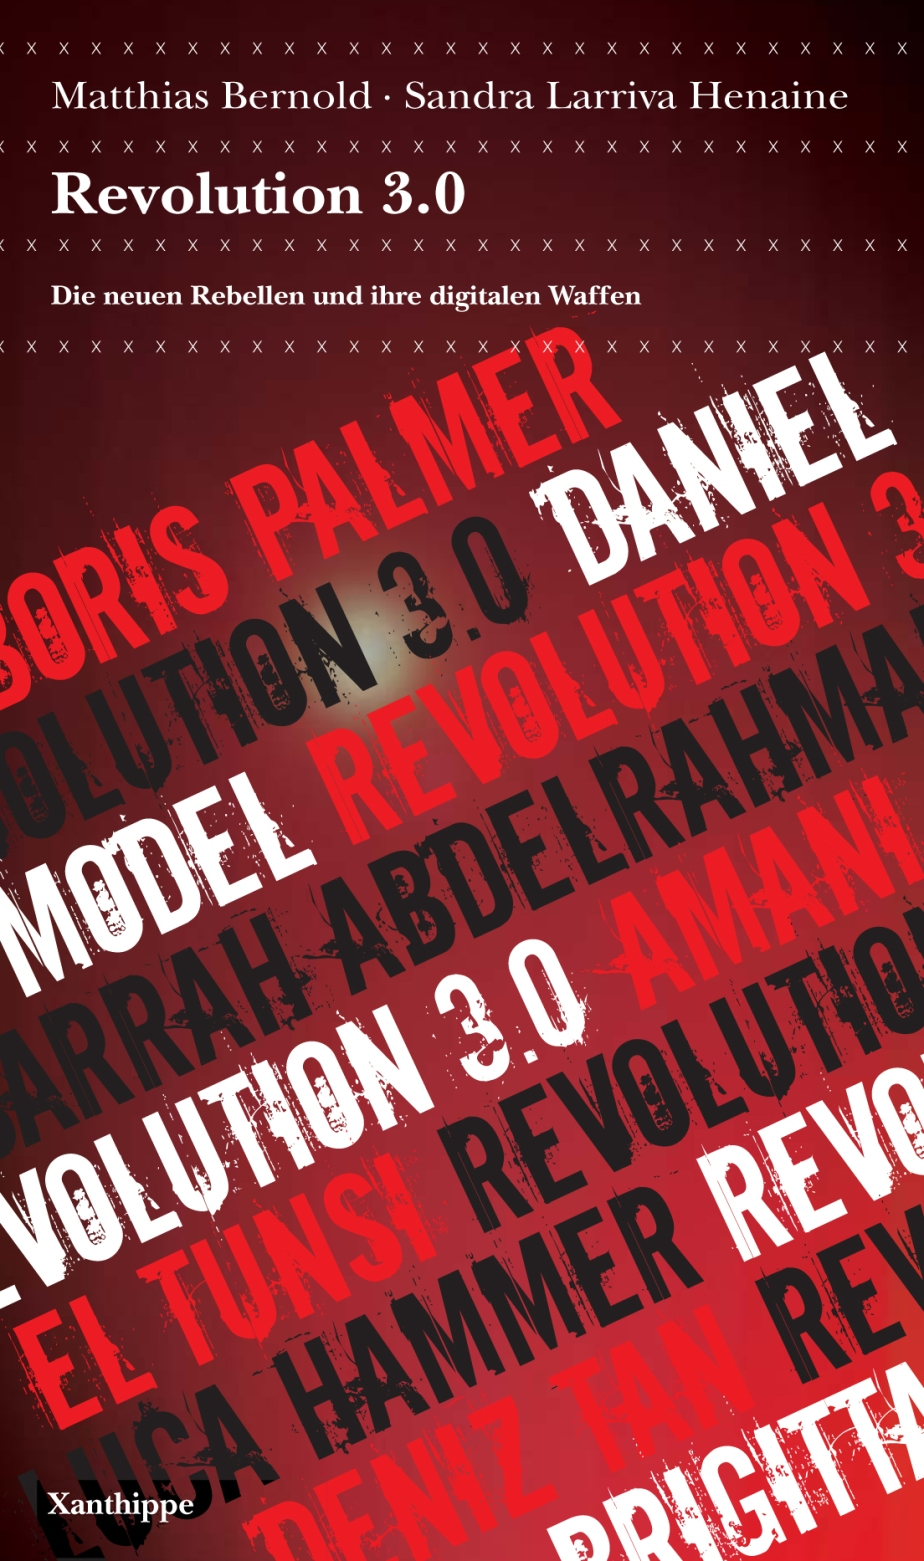 Das Buch von Matthias Bernold, Sandra Larriva: Revolution 3.0 Die neuen Rebellen und ihre digitalenWaffen